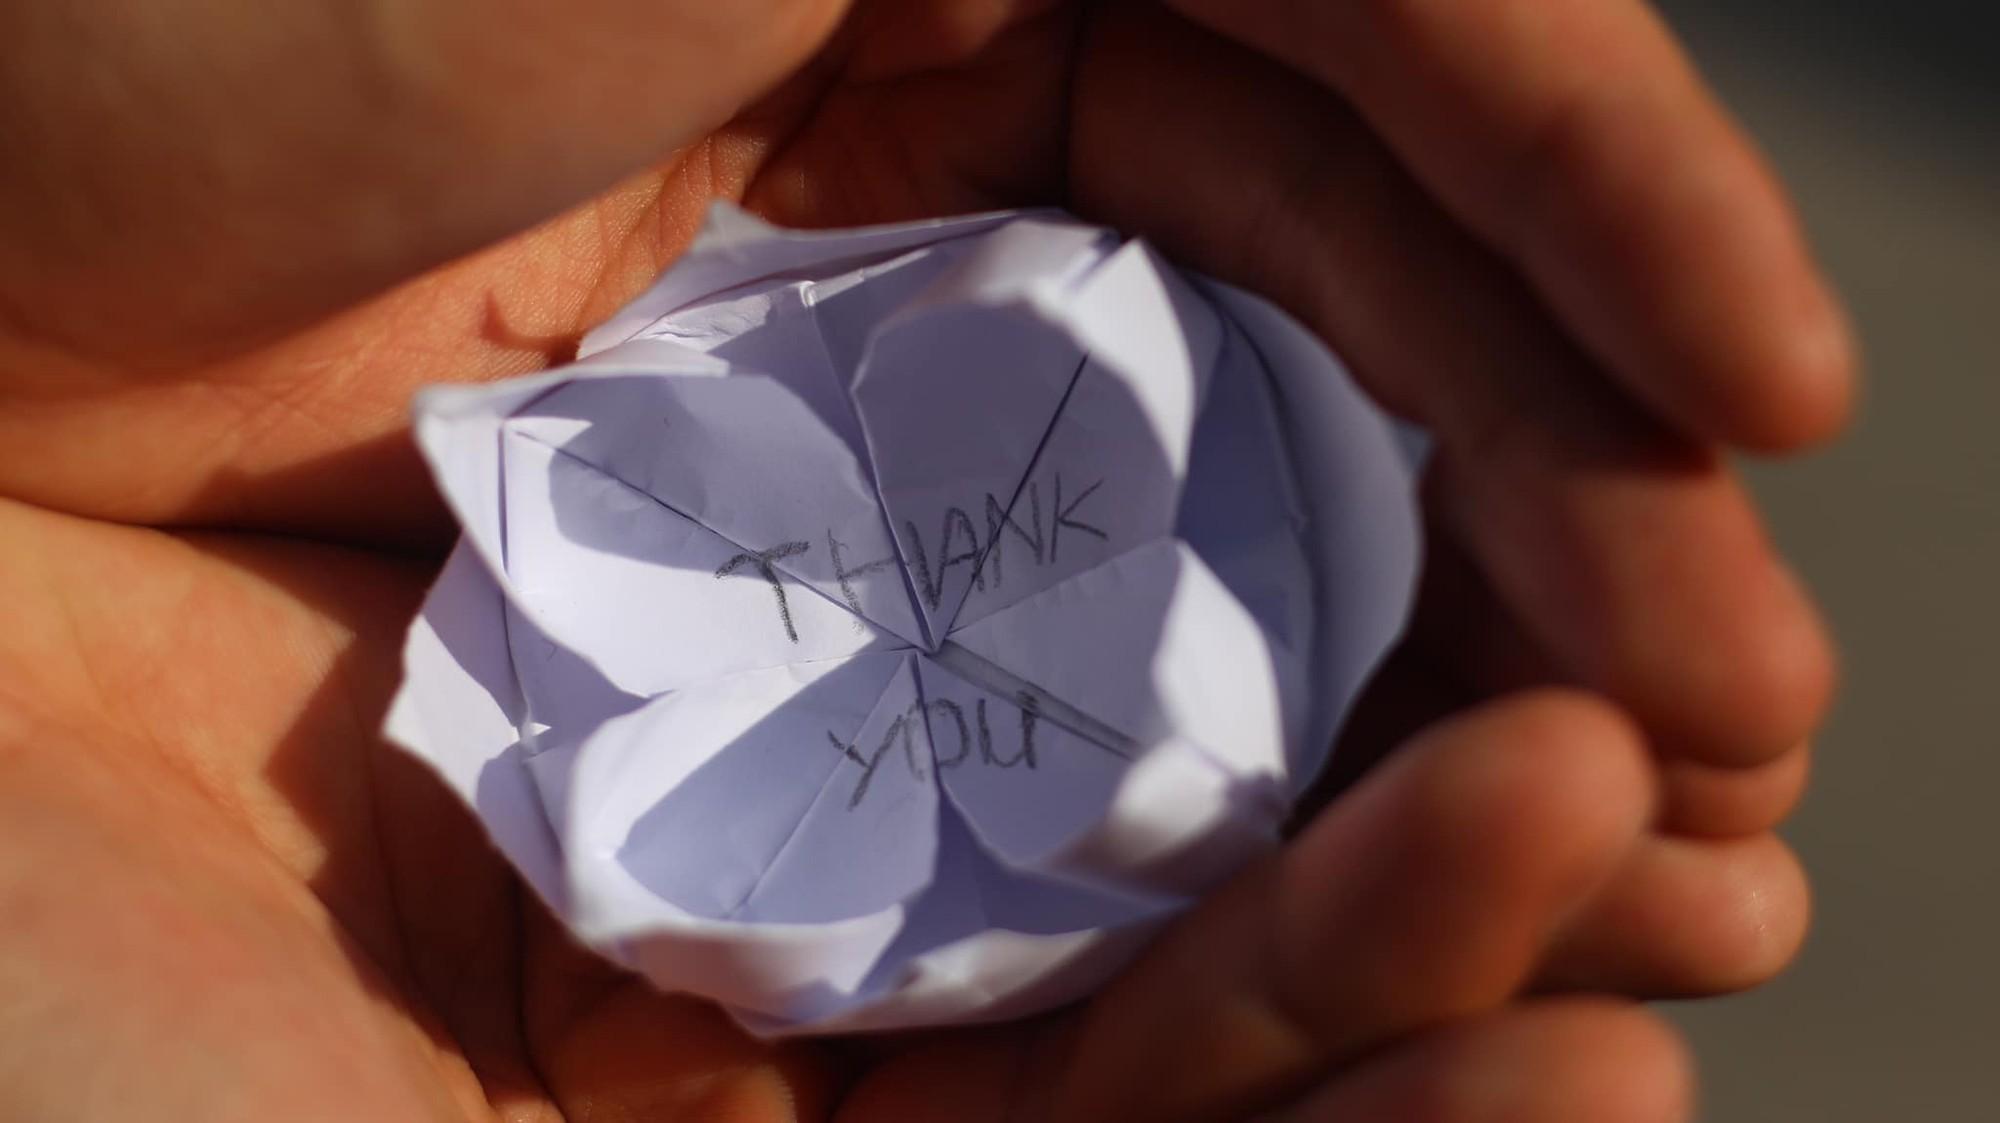 Mát lòng với bông hoa giấy cùng tâm thư cảm ơn ngọt lịm của cô nàng thí sinh gửi các sinh viên tình nguyện sau 2 ngày thi THPT Quốc gia - Ảnh 3.